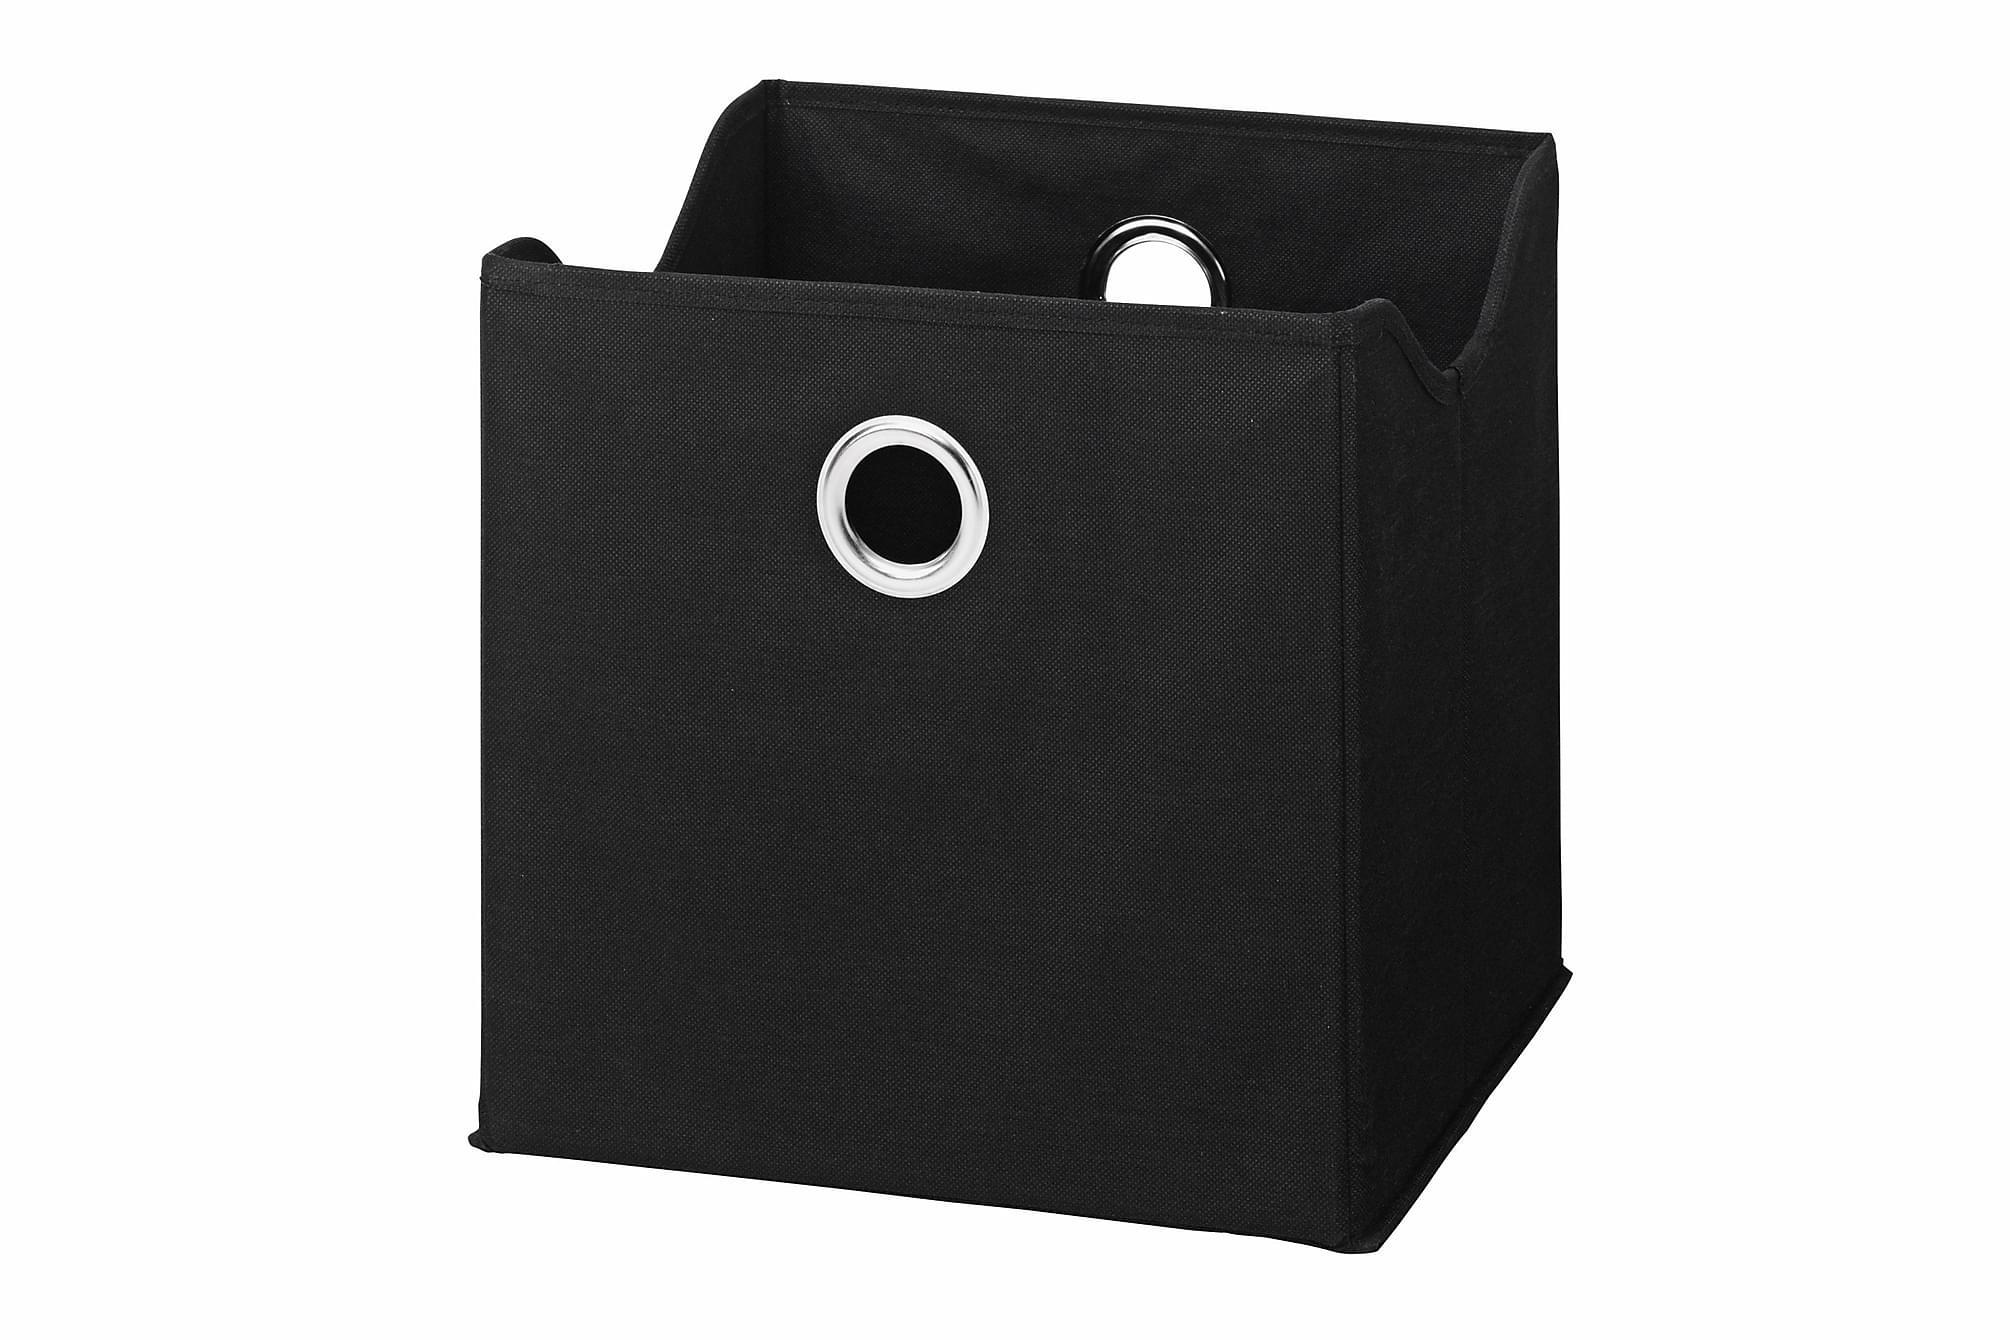 CARACAS Förvaringsbox 9-pack Svart, Småförvaring